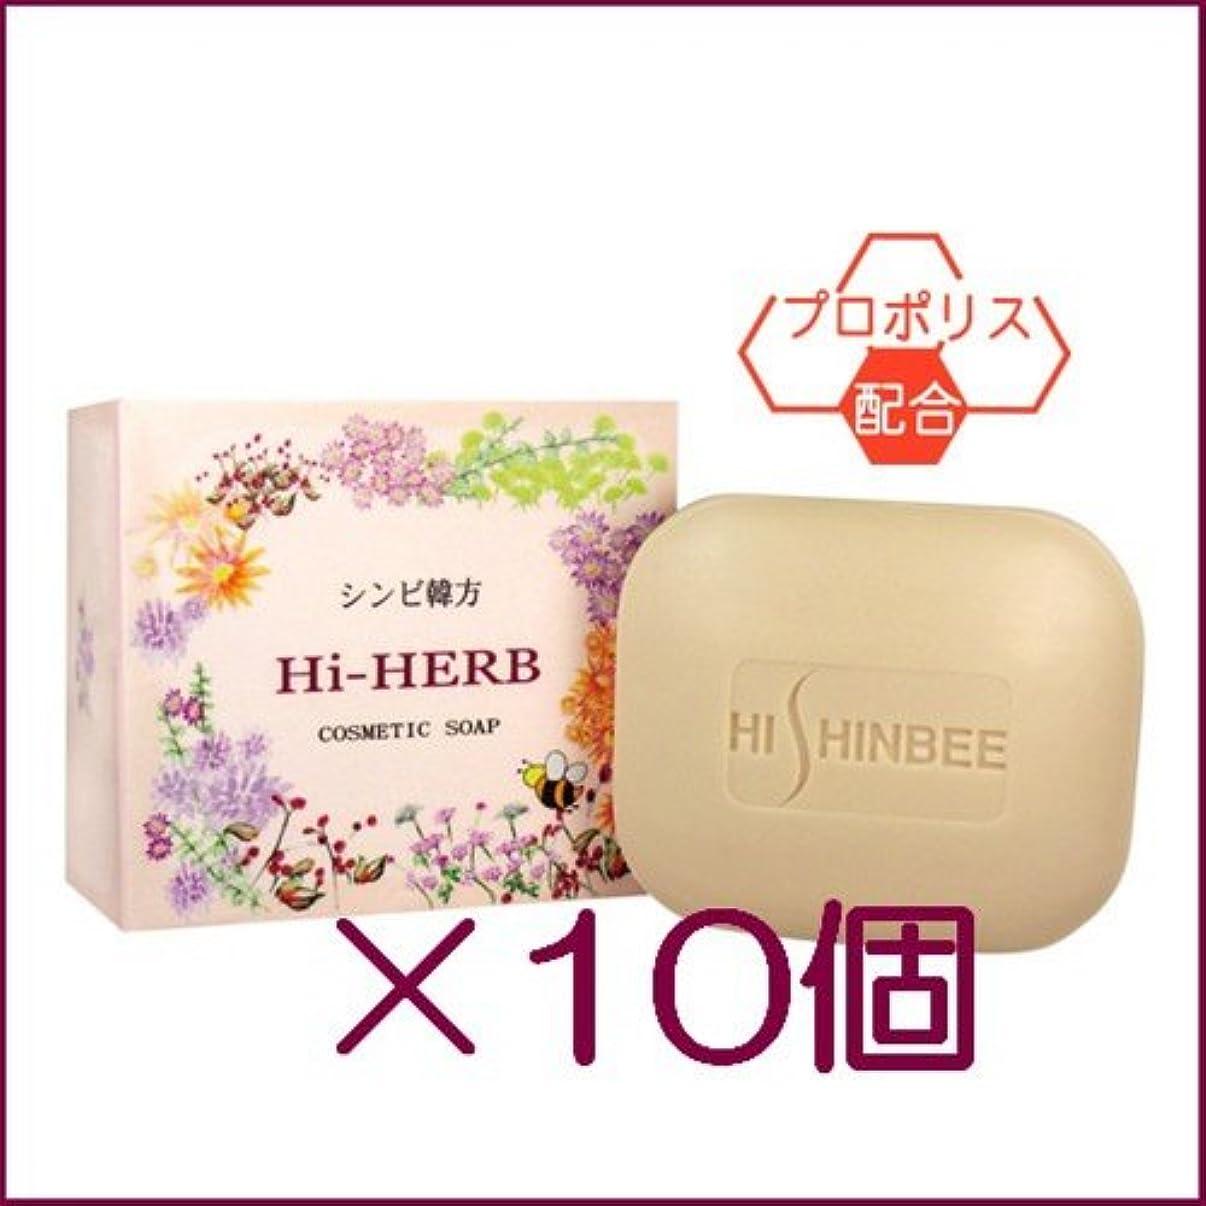 を必要としていますの前でアルファベットシンビ 韓方ハイハーブ石鹸 100g ×10個